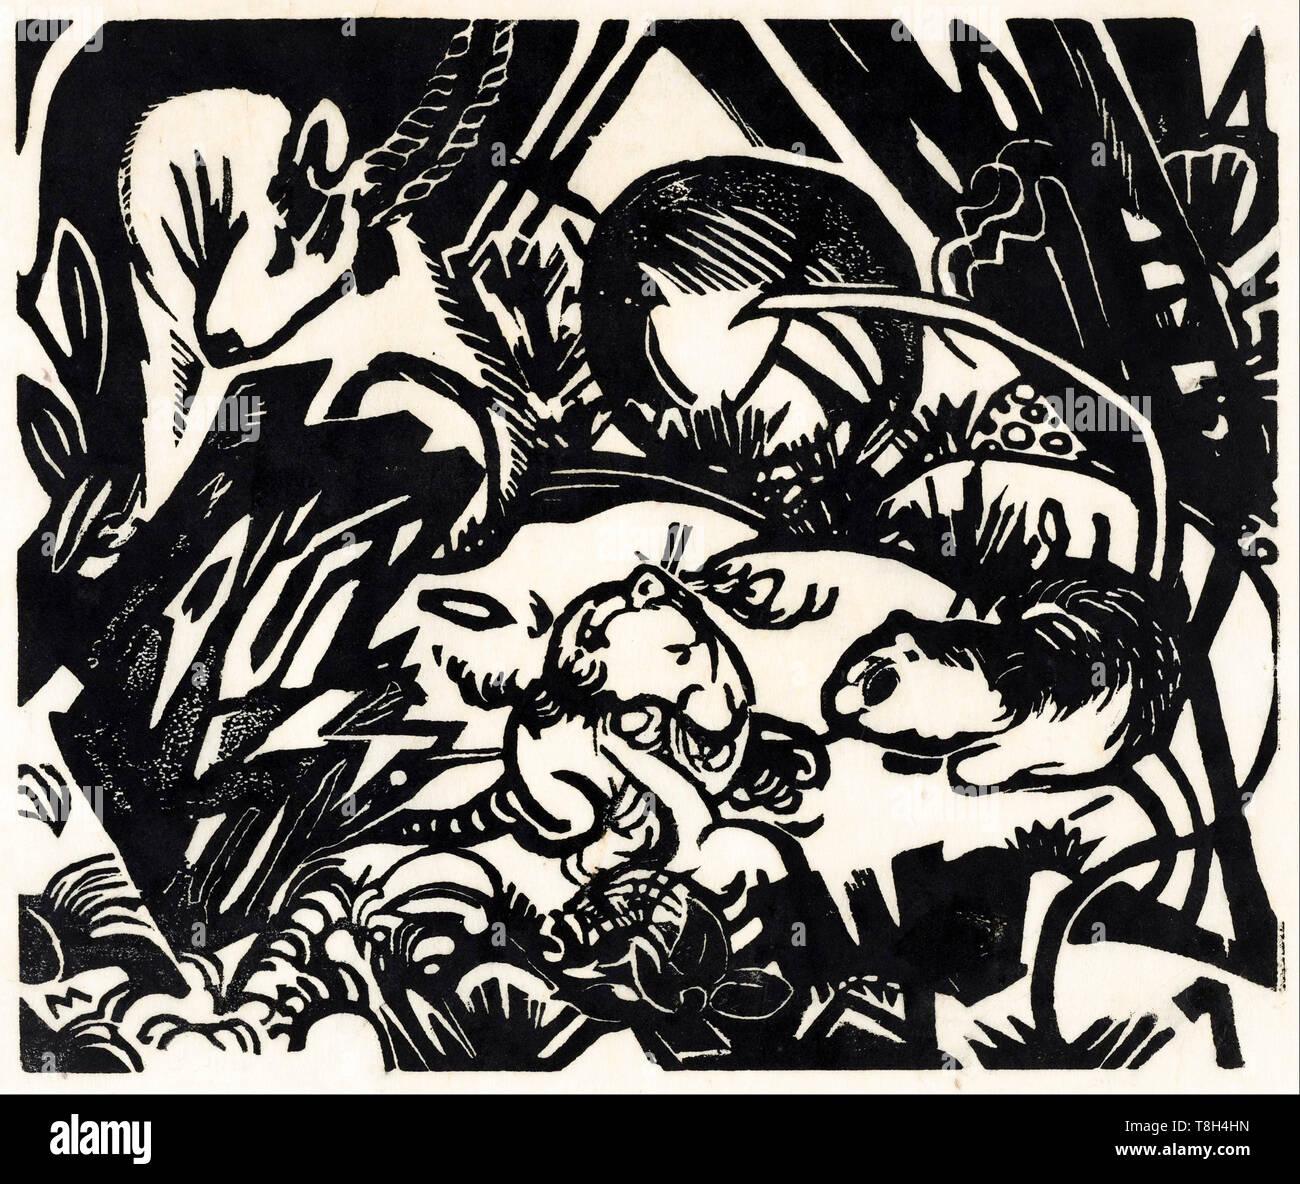 Franz Marc, Légende animale, (Tierlegende), imprimé bois, 1912 Banque D'Images